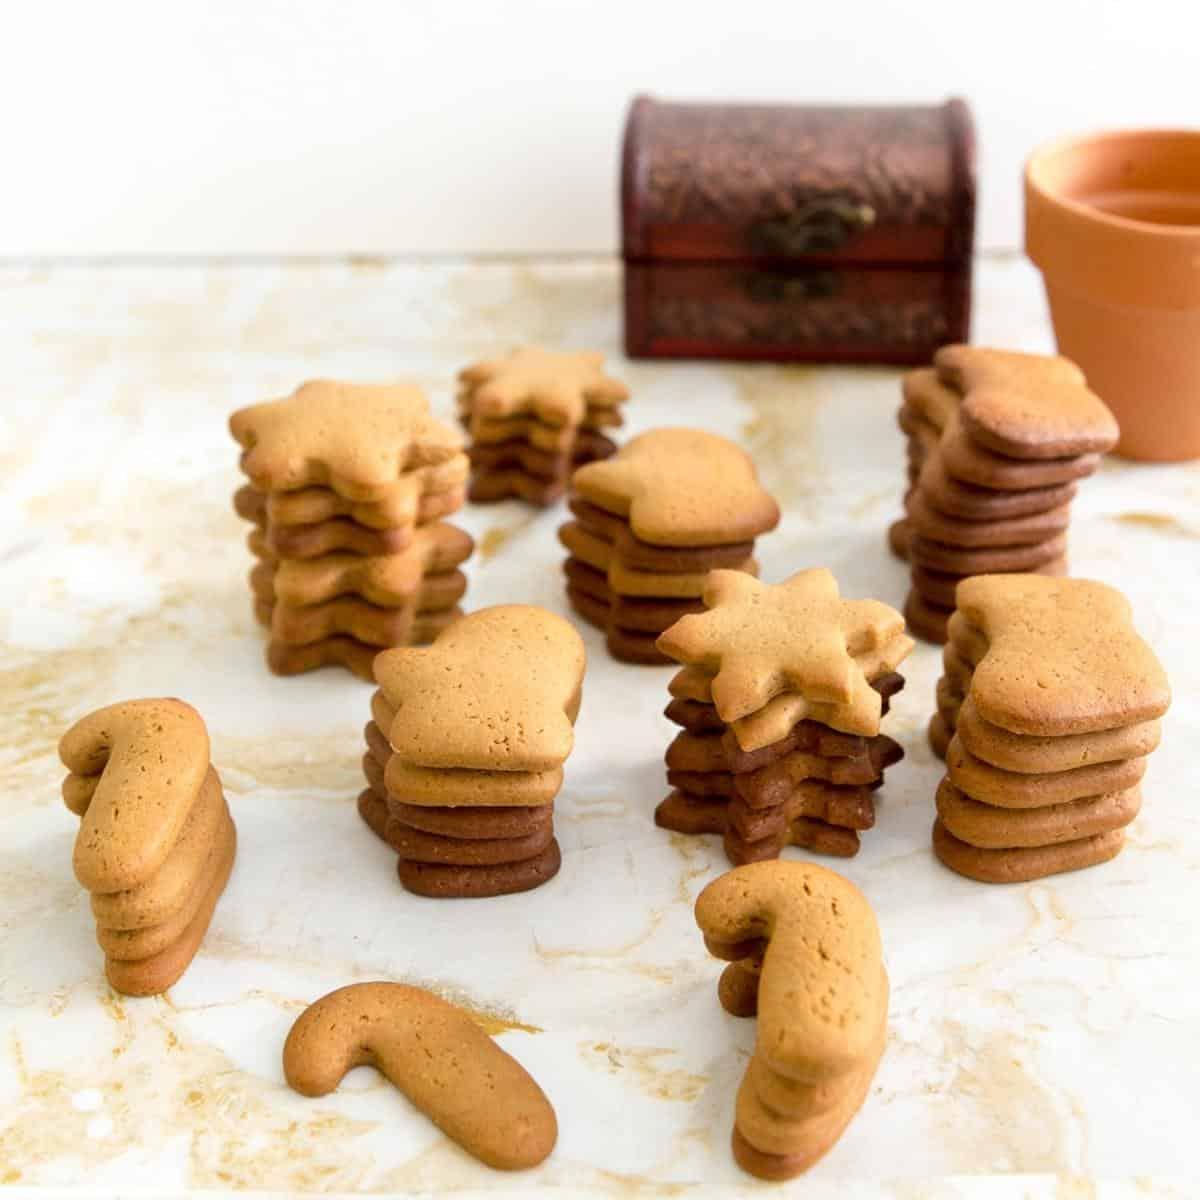 Stacks of gingerbread sugar cookies